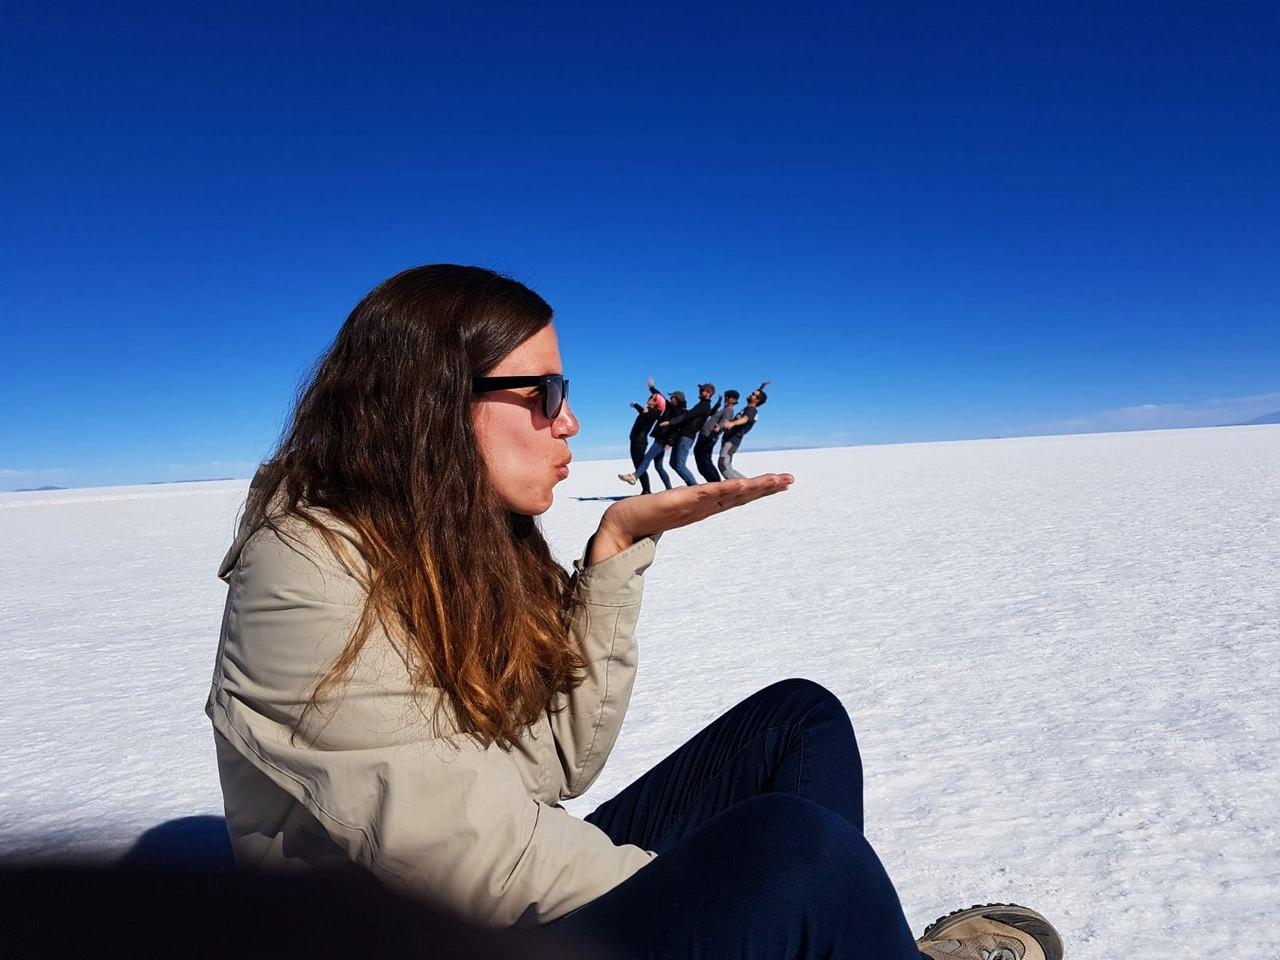 En el Salar de Uyuni cumplí uno de mis sueños viajeros.